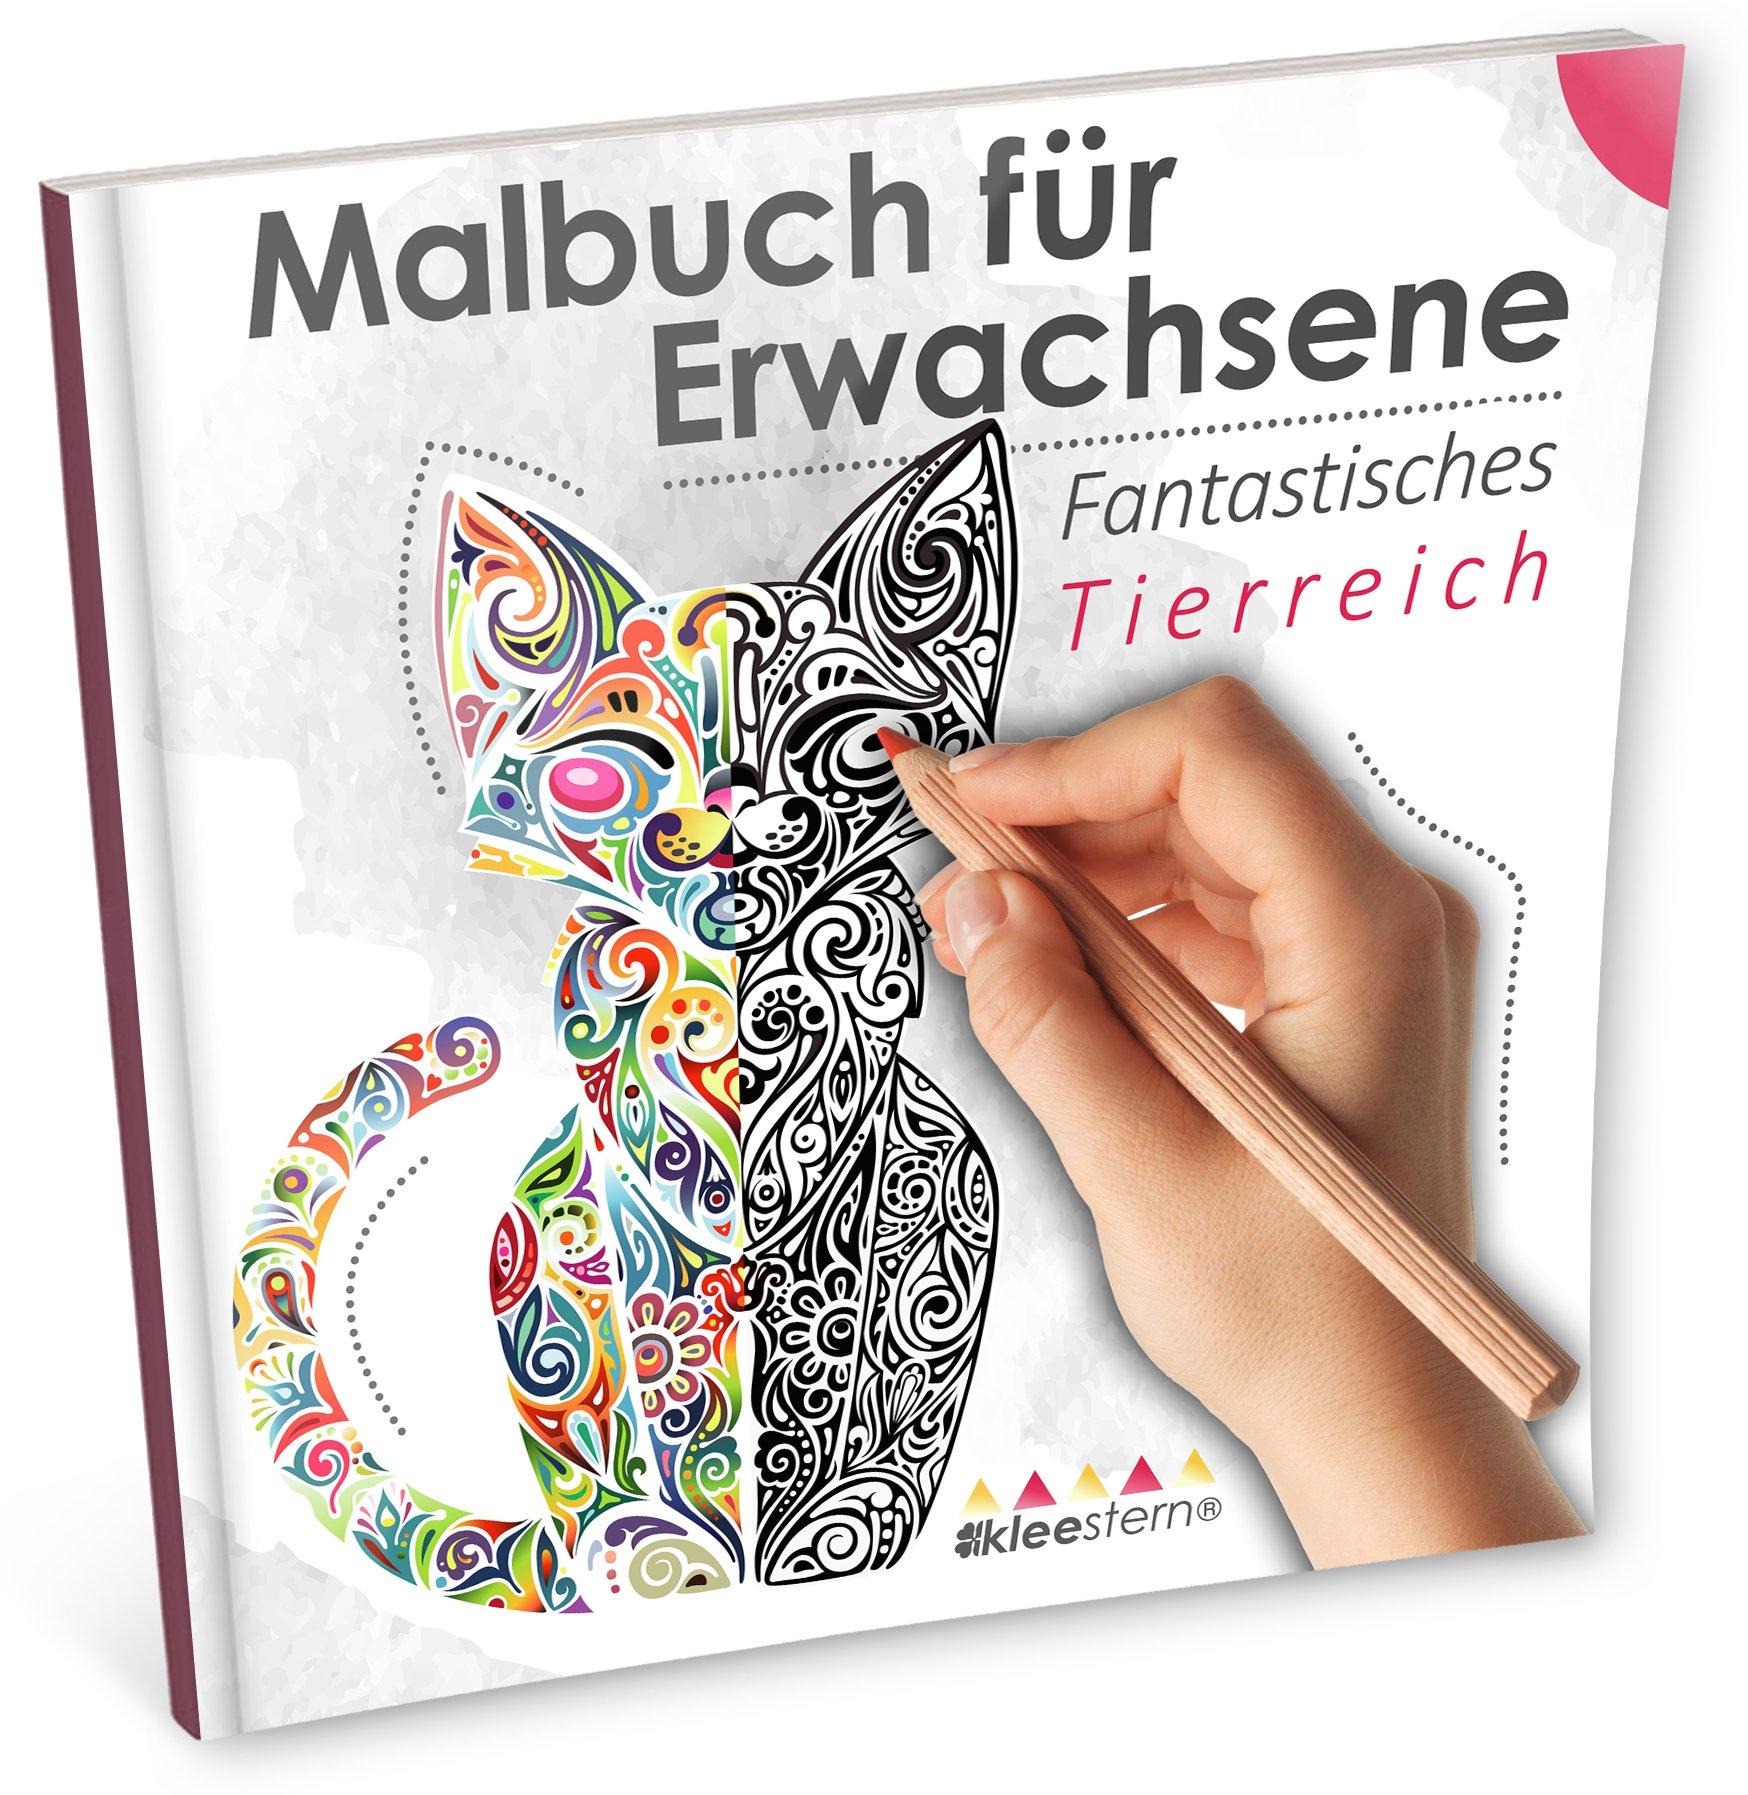 Malbuch für Erwachsene: Fantastisches Tierreich (Ausmalen, Entspannen & Träumen)